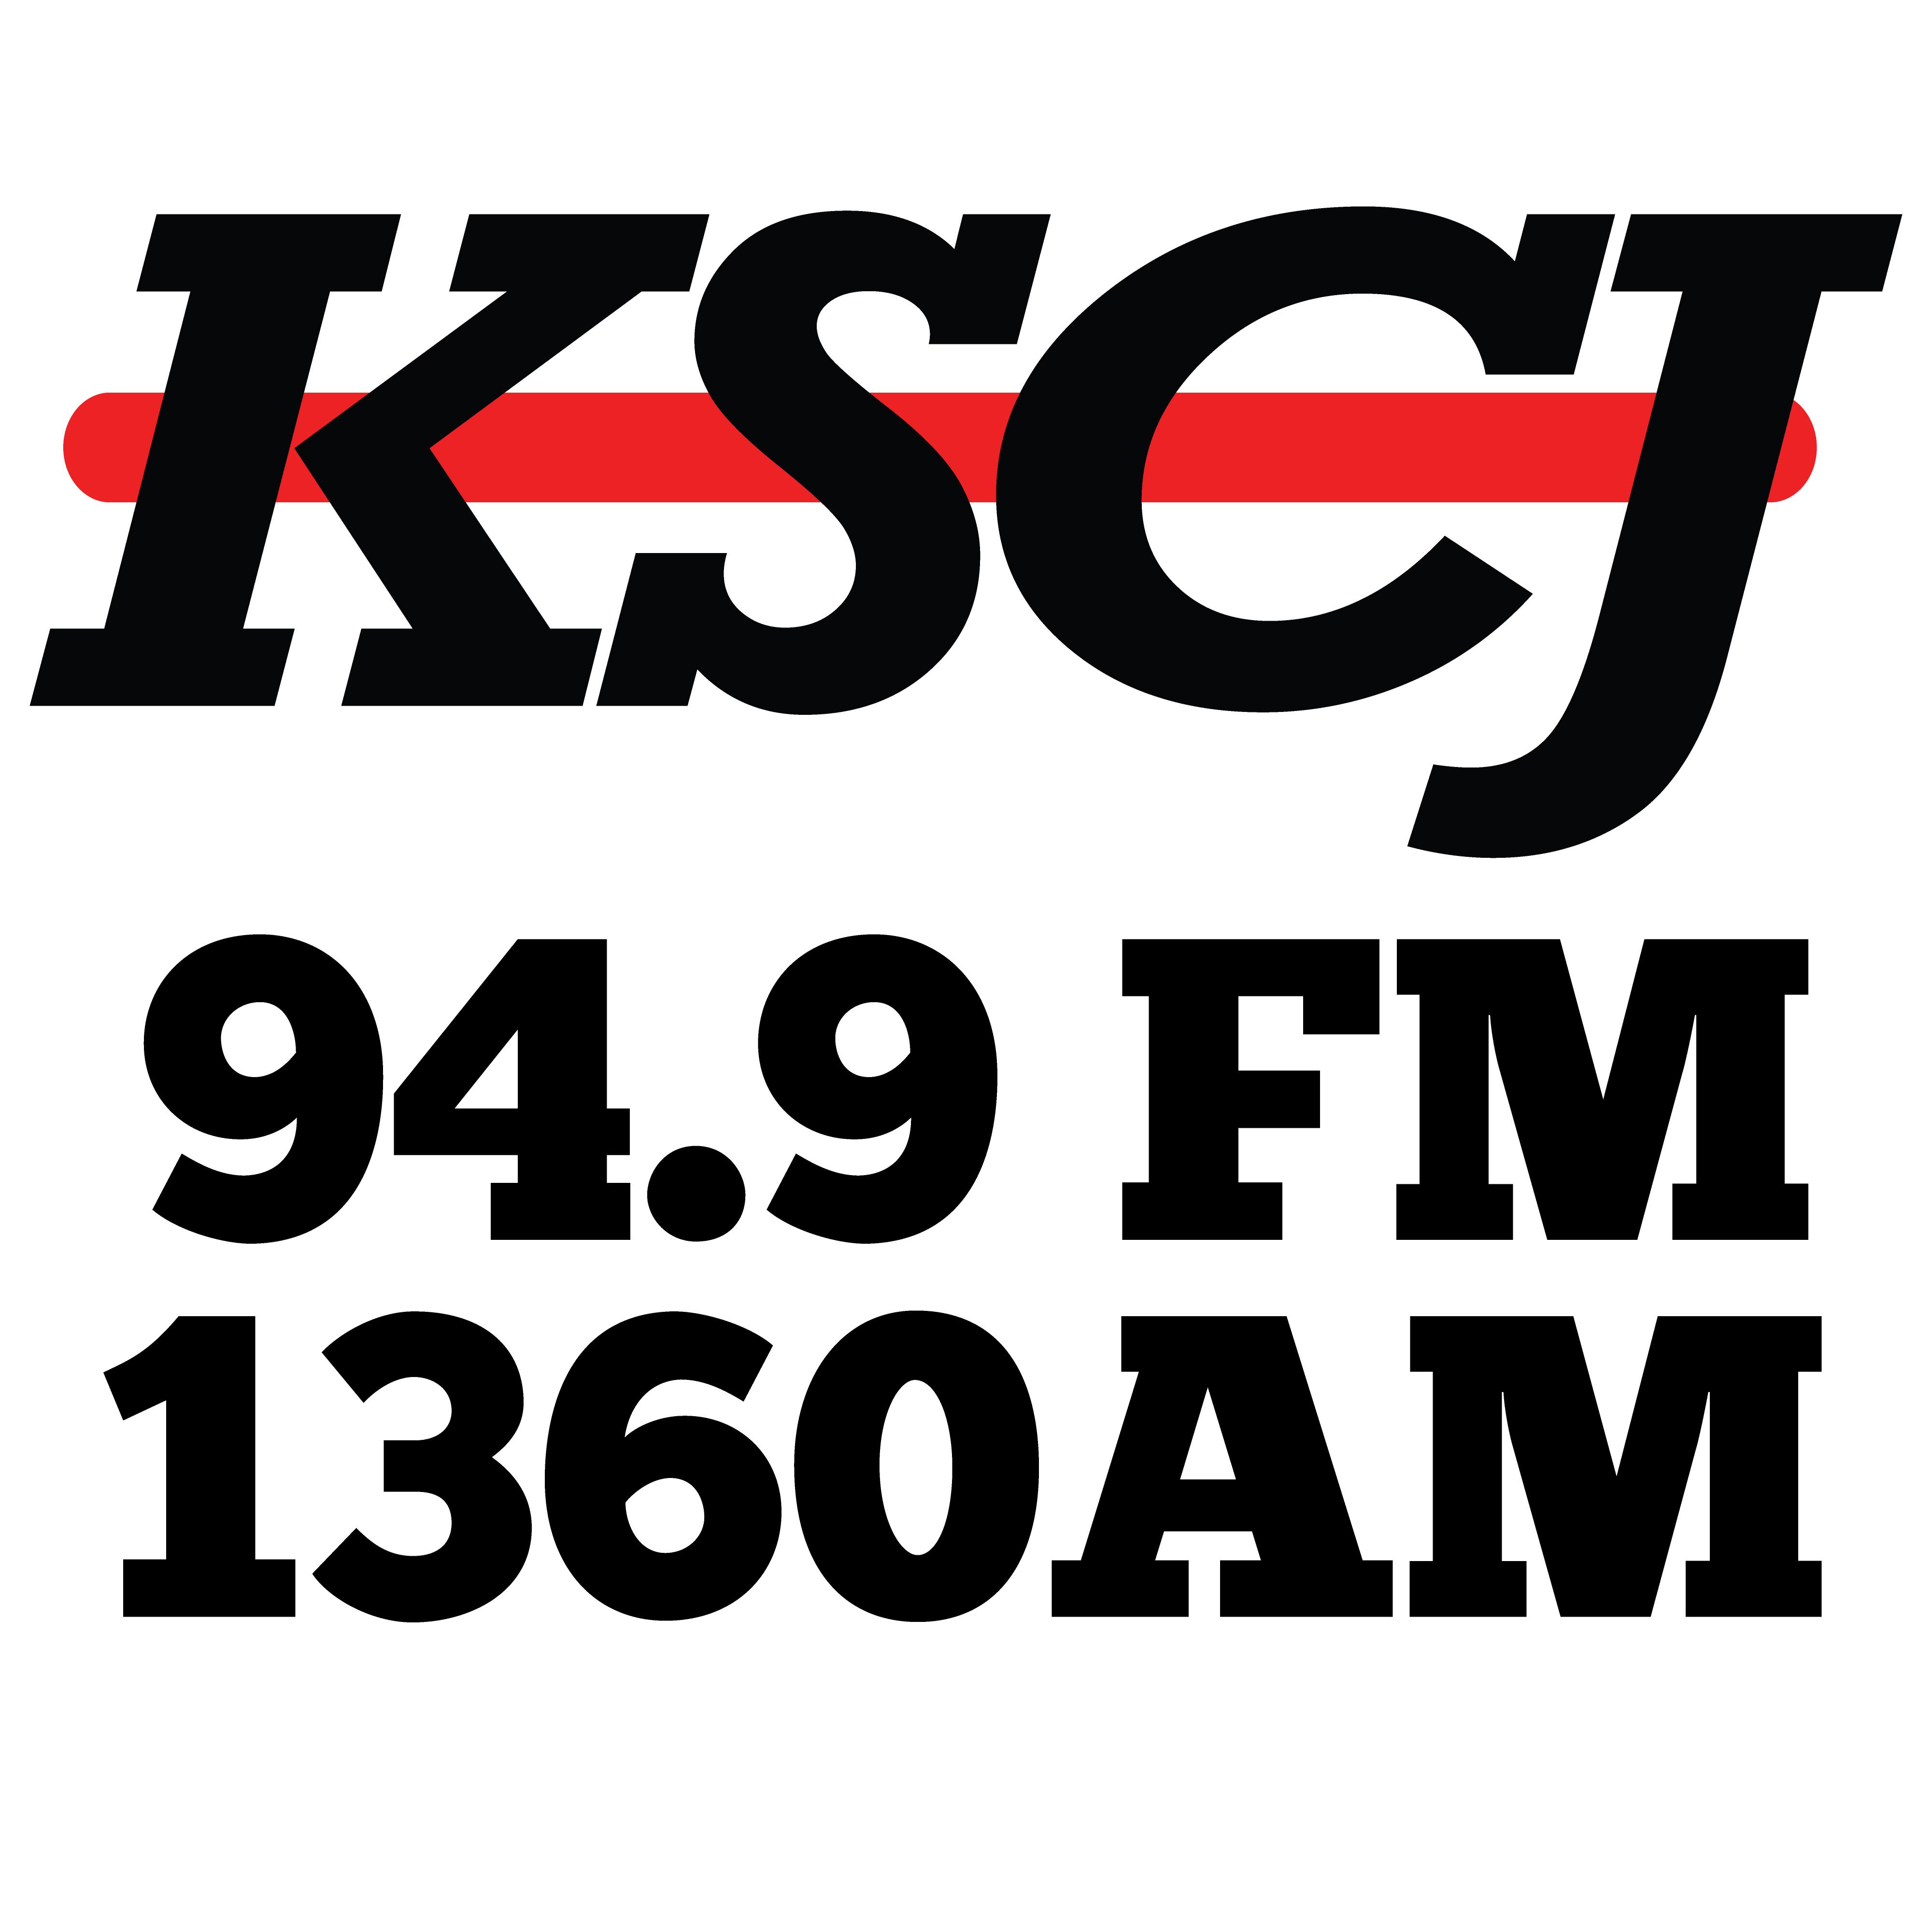 KSCJ..1360 AM -94.9 FM